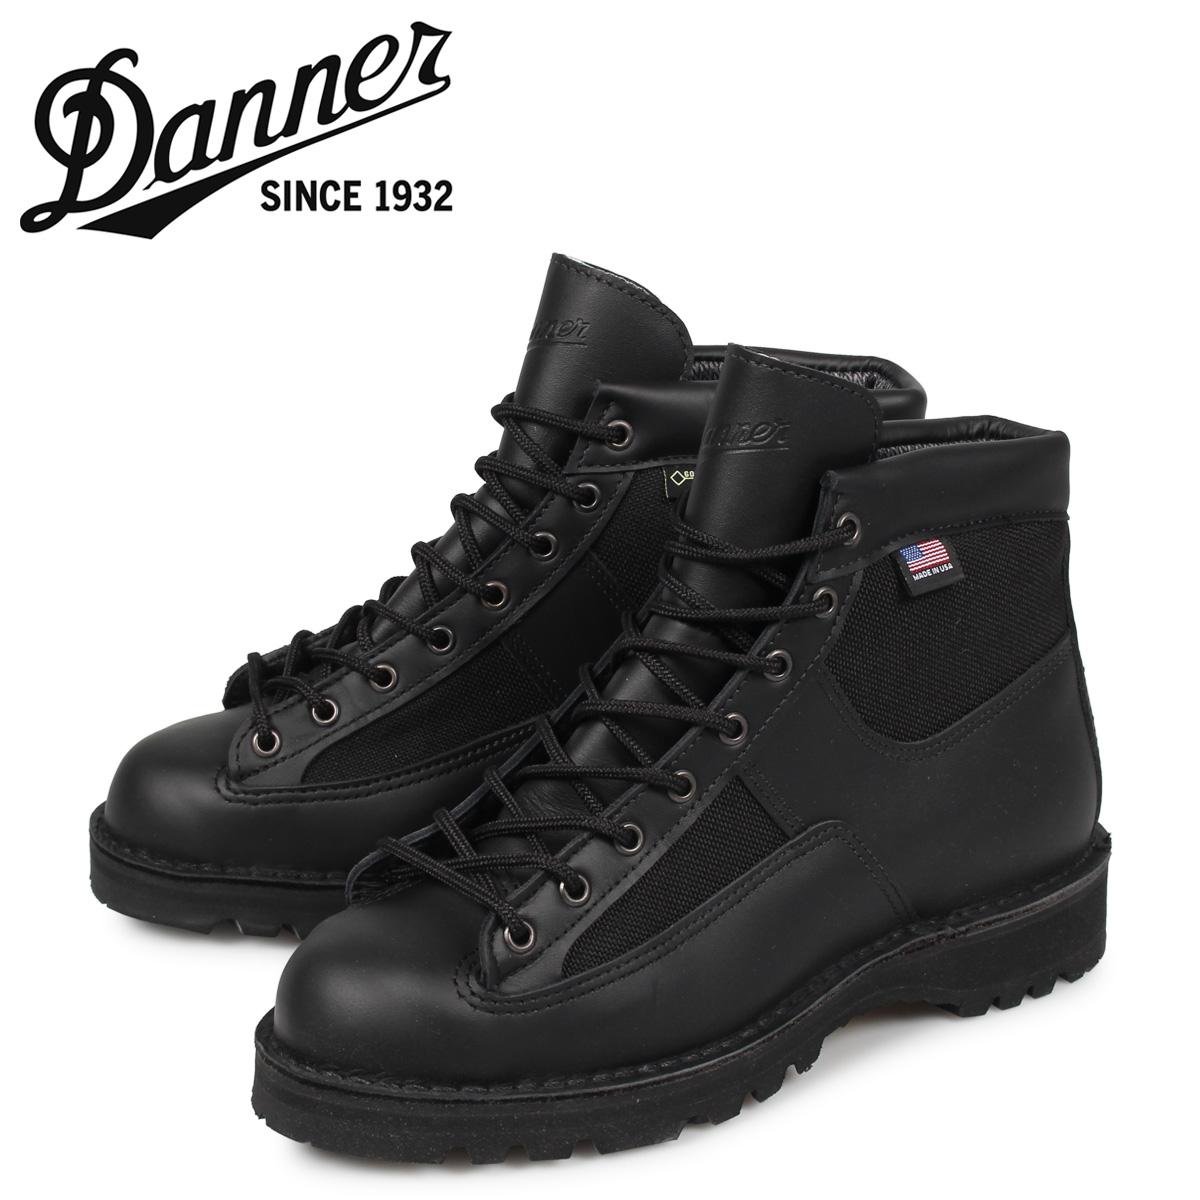 ダナー Danner パトロール 6 ブーツ メンズ PATROL 6 MADE IN USA EEワイズ ブラック 黒 25200